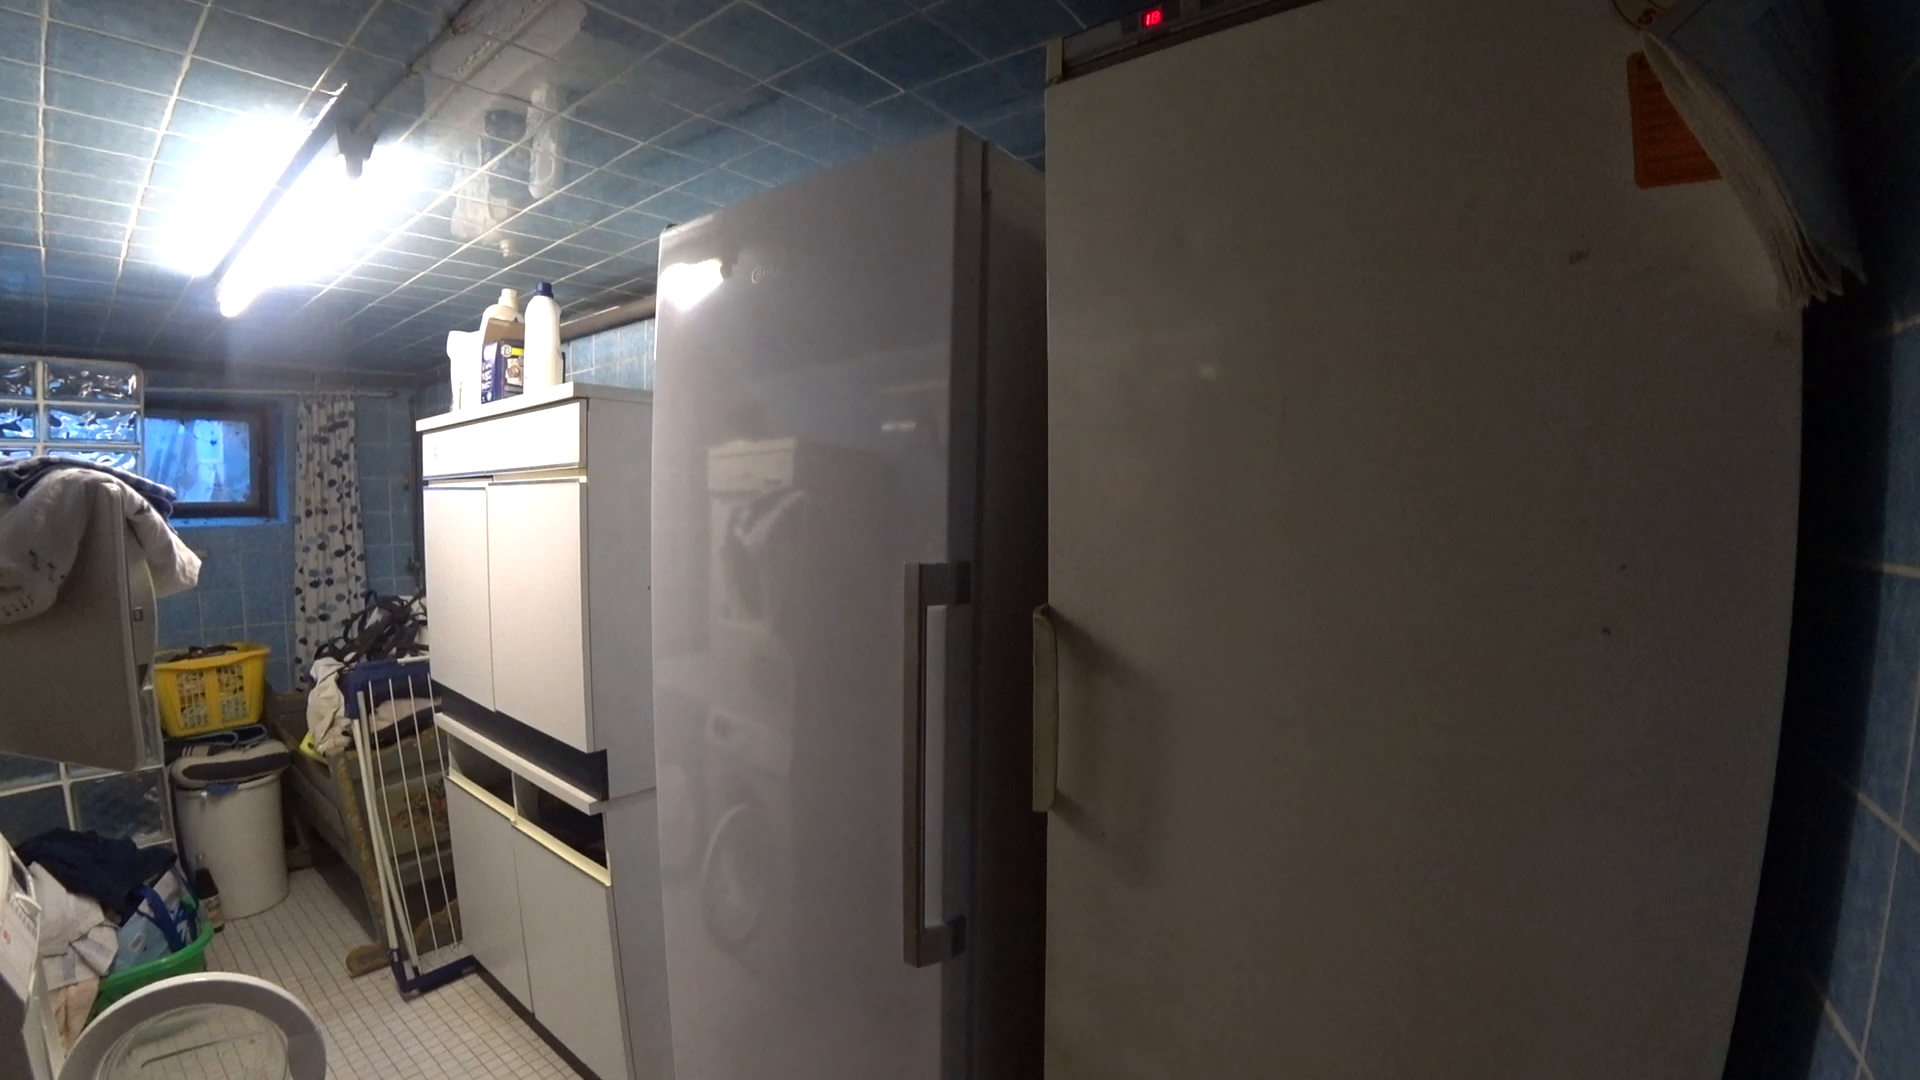 Bosch Kühlschrank Alarm Deaktivieren : Amazon.de:kundenrezensionen: bauknecht gkn 14g3 a2 ws nofrost